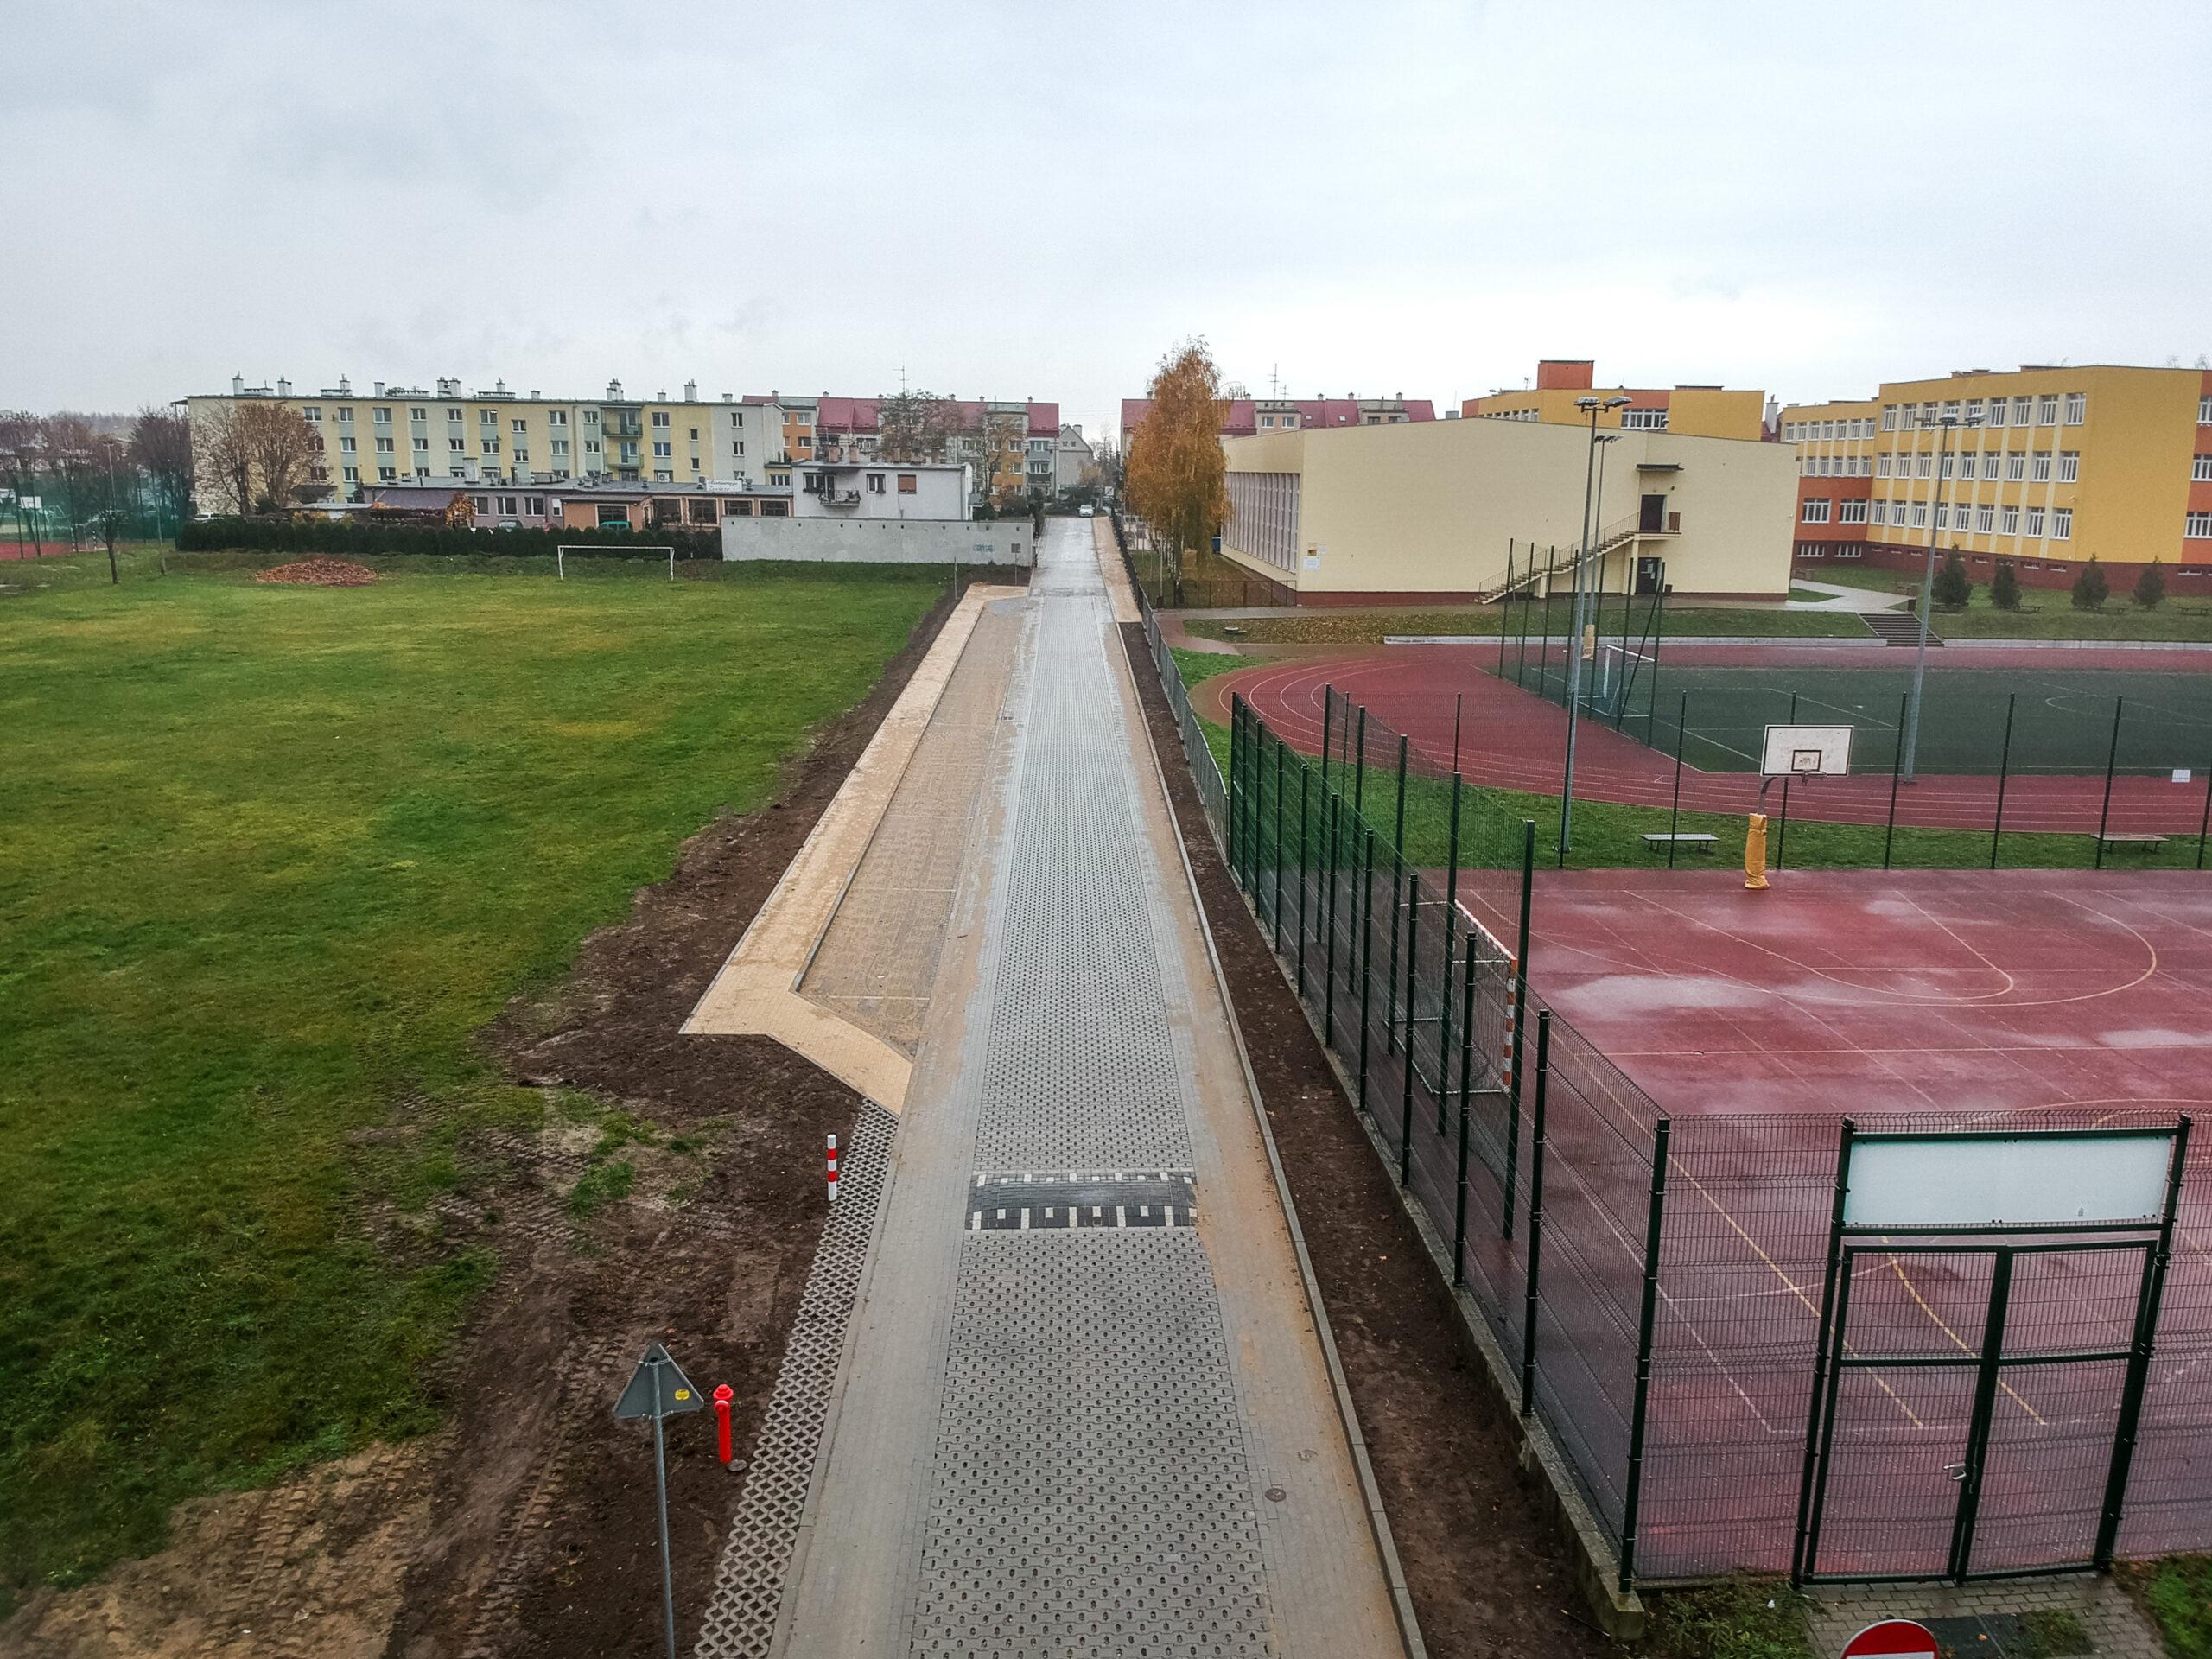 Zdjęcie przedstawia drogę